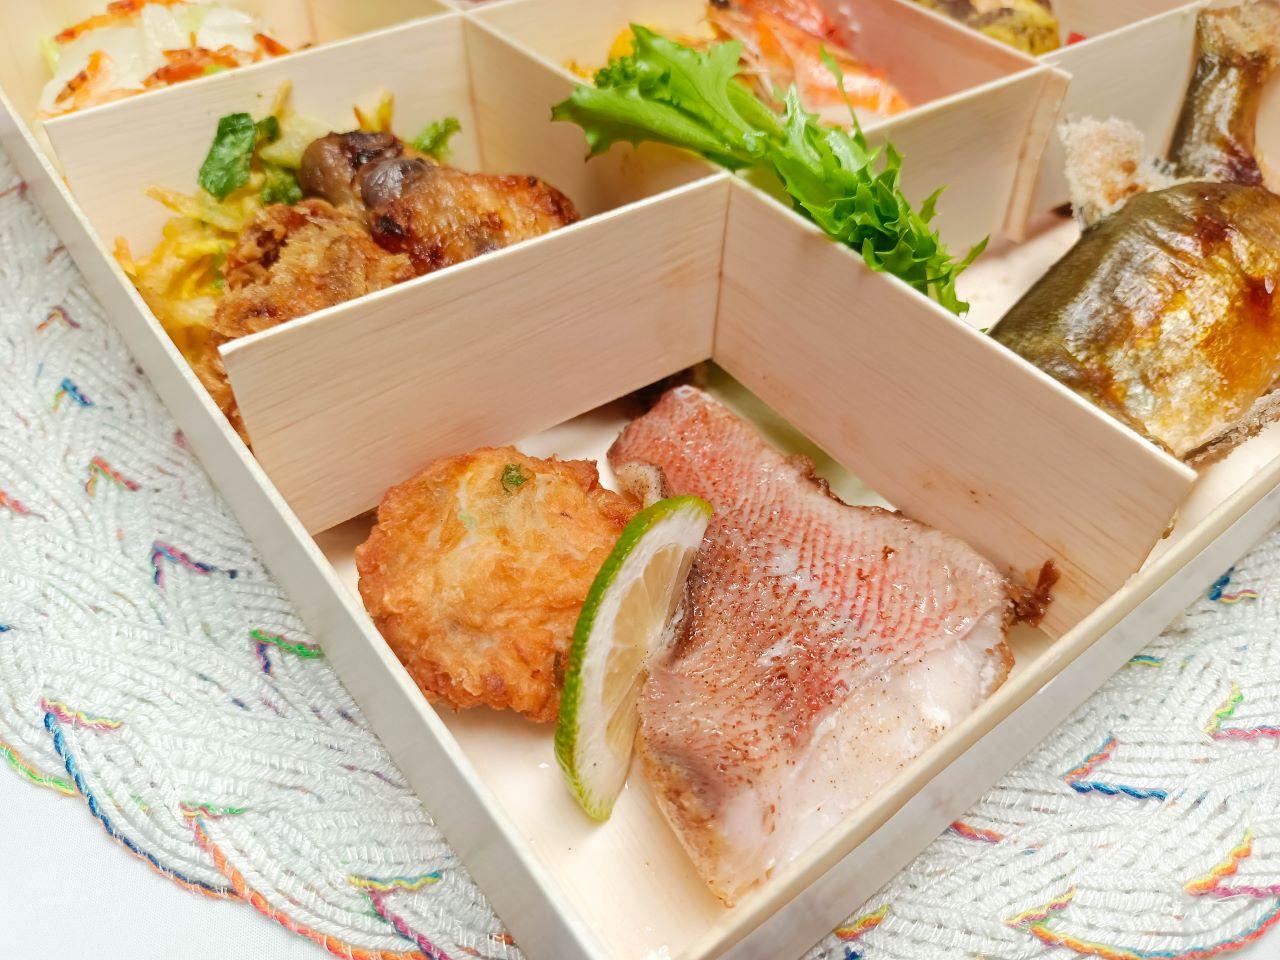 (信義區美食)全台北最強的日式吃到飽餐廳也推出了外帶餐盒滿千再打8折,讓你在家就可以享受美味的日式餐盒 -旭集和食集錦(台北與高雄分店皆有提供訂購) @Nancy將的生活筆計本